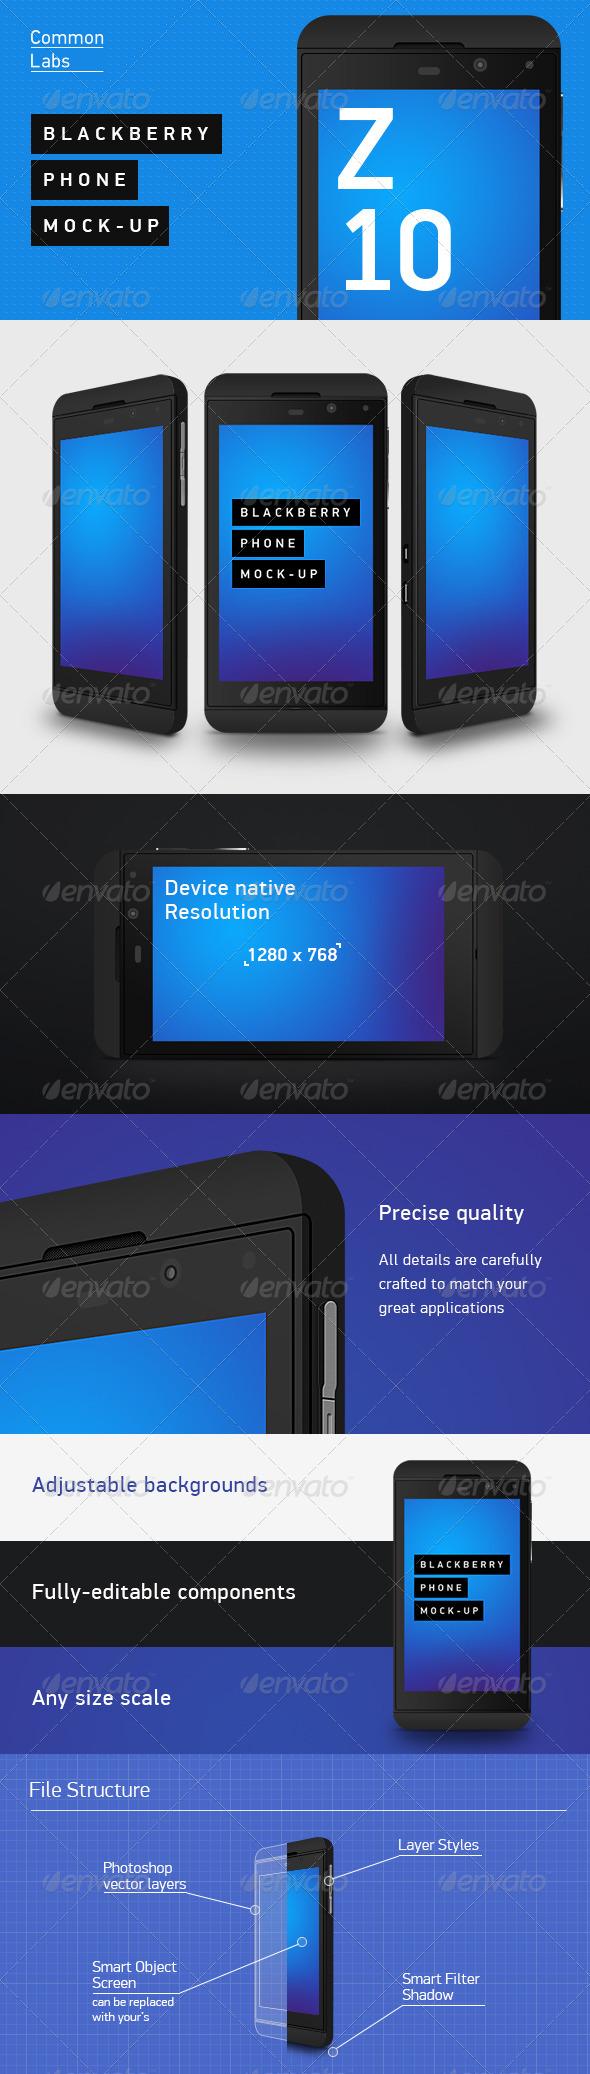 Blackberry Z10 Phone Mock-Up